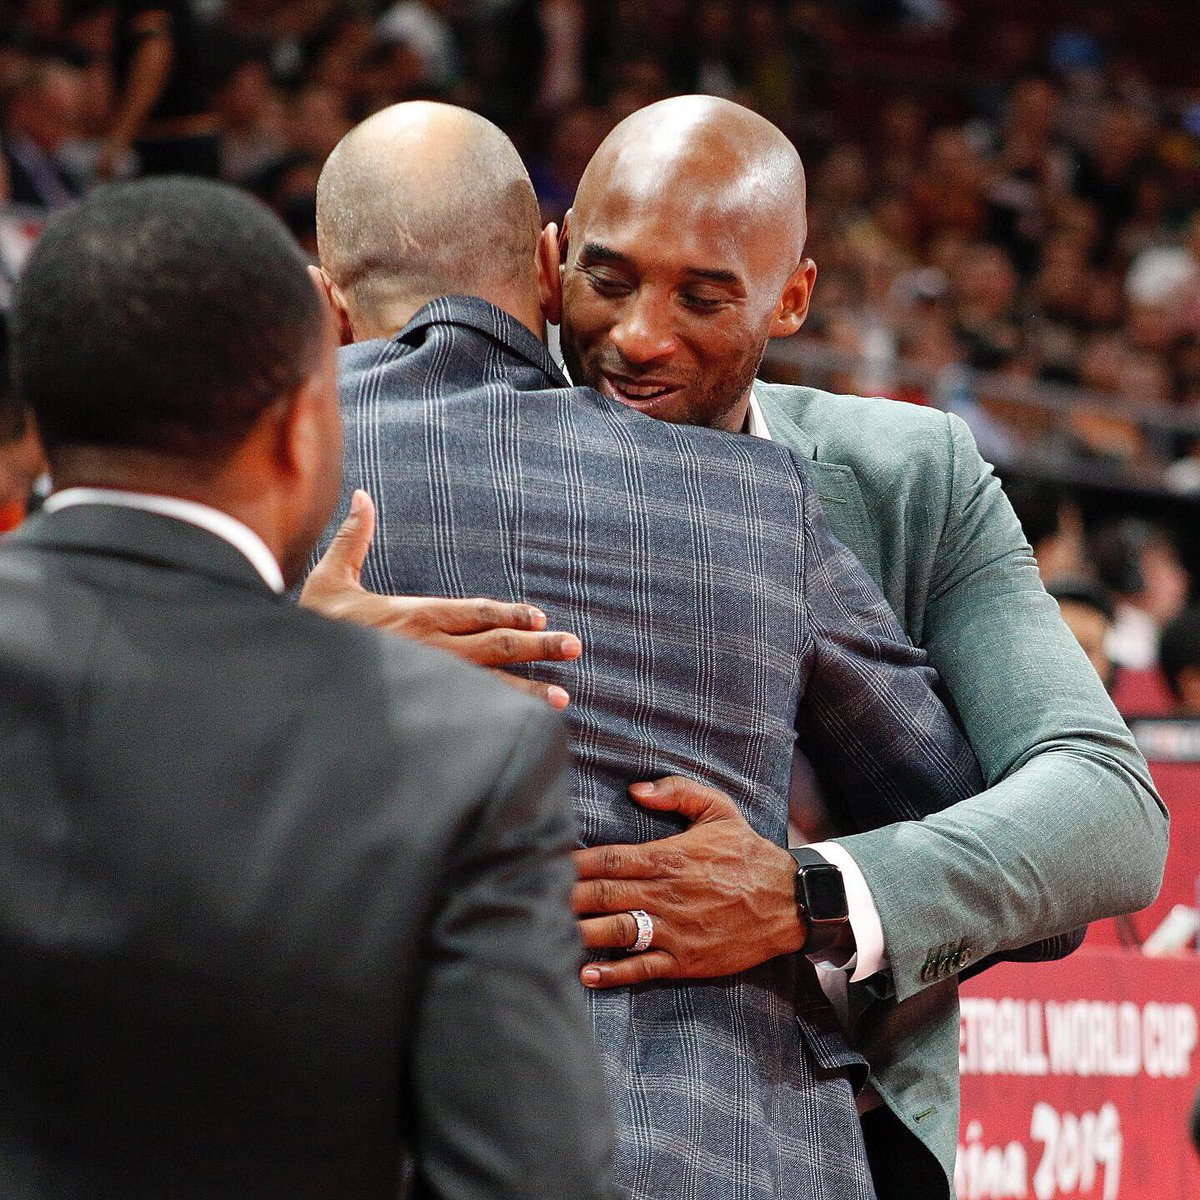 Manu and Kobe at FIBA World Cup ⭐